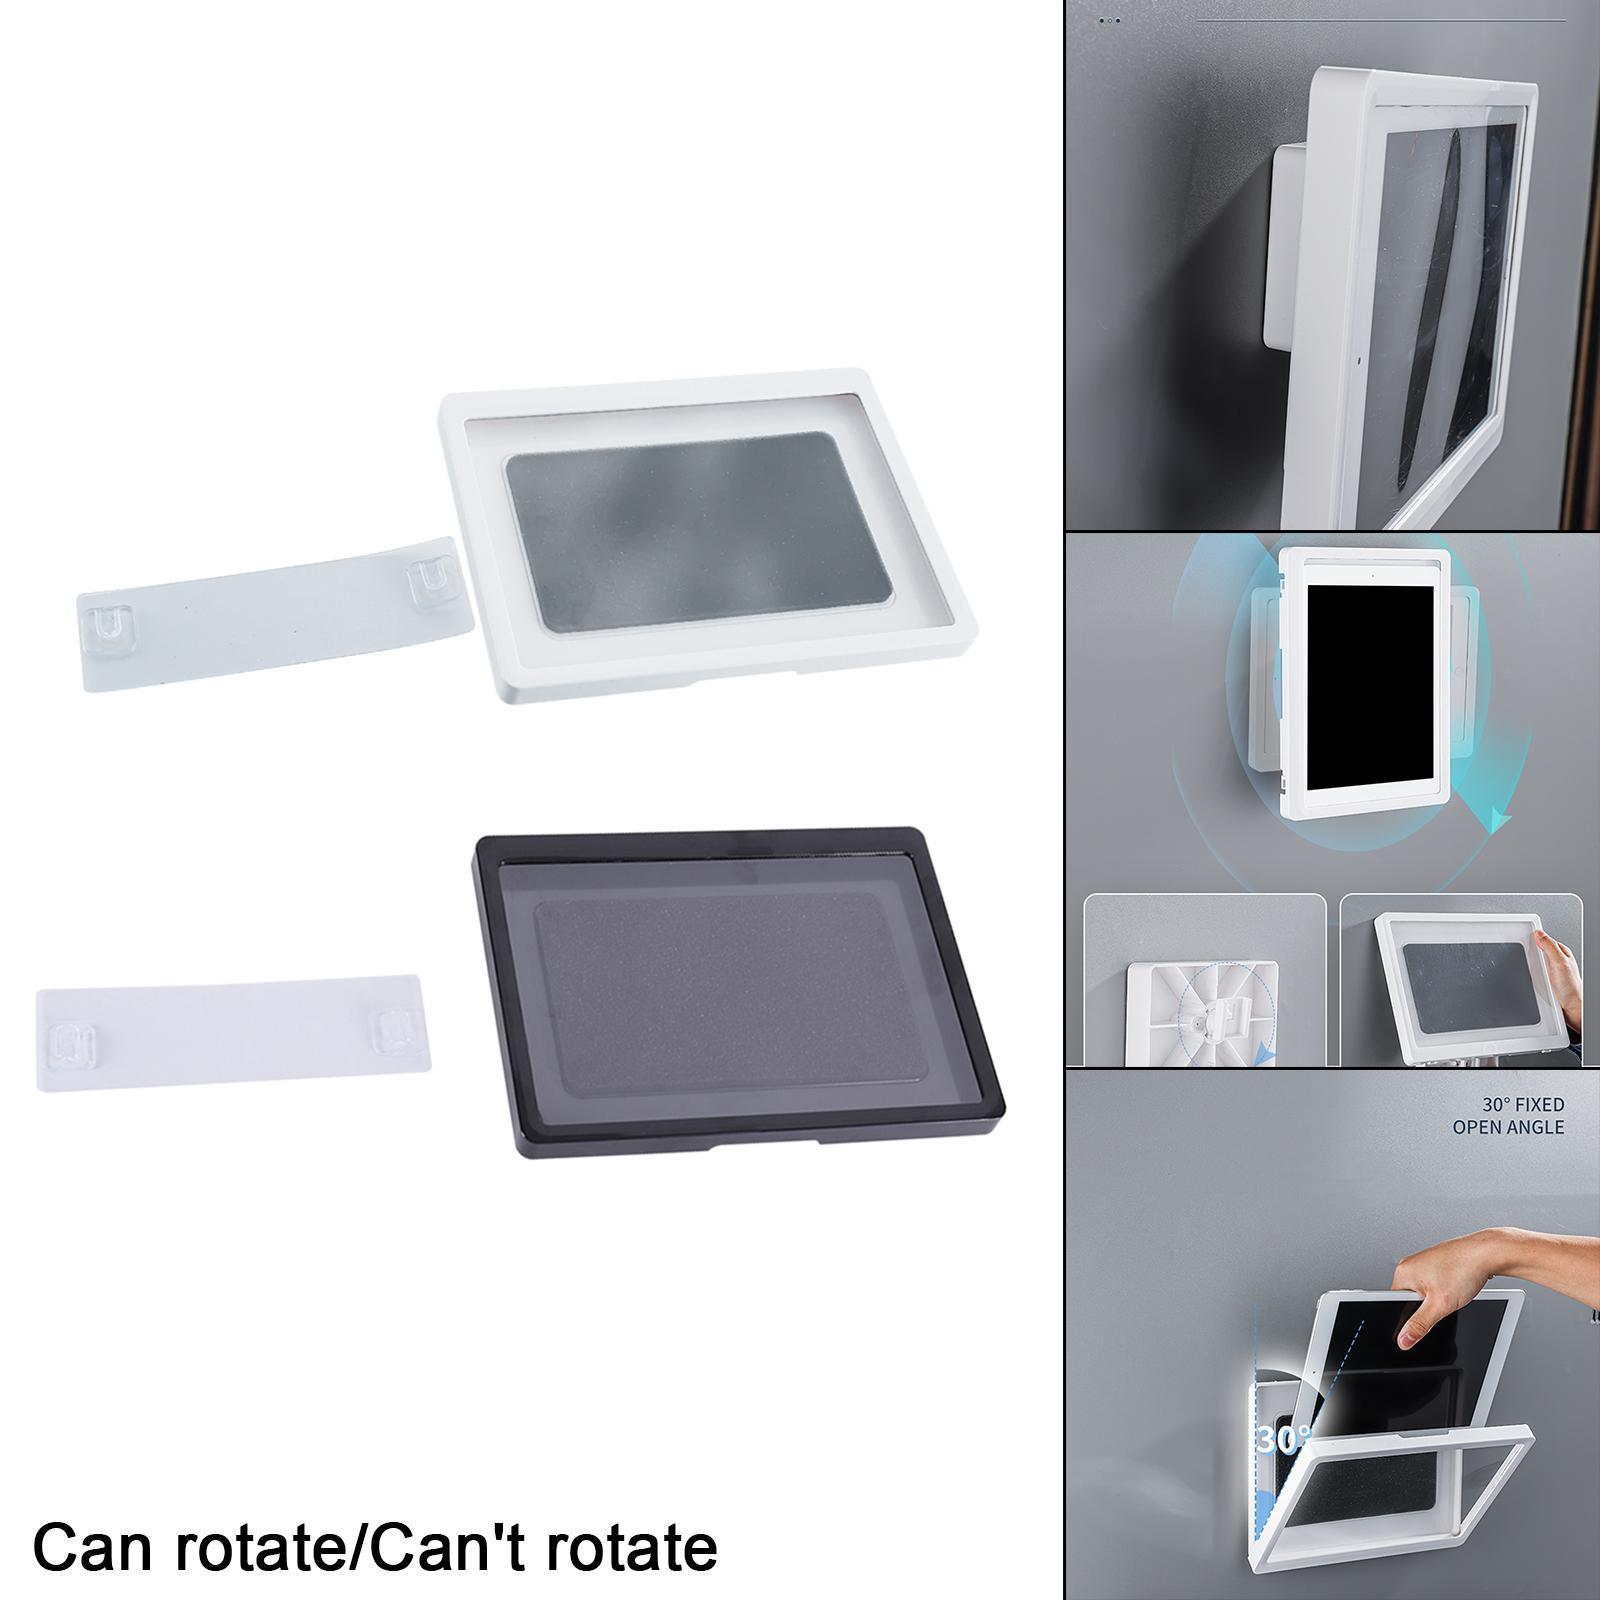 Wand halterung Dusche Tablet Halter Badezimmer gehäuse Halterung Regal, Tablet